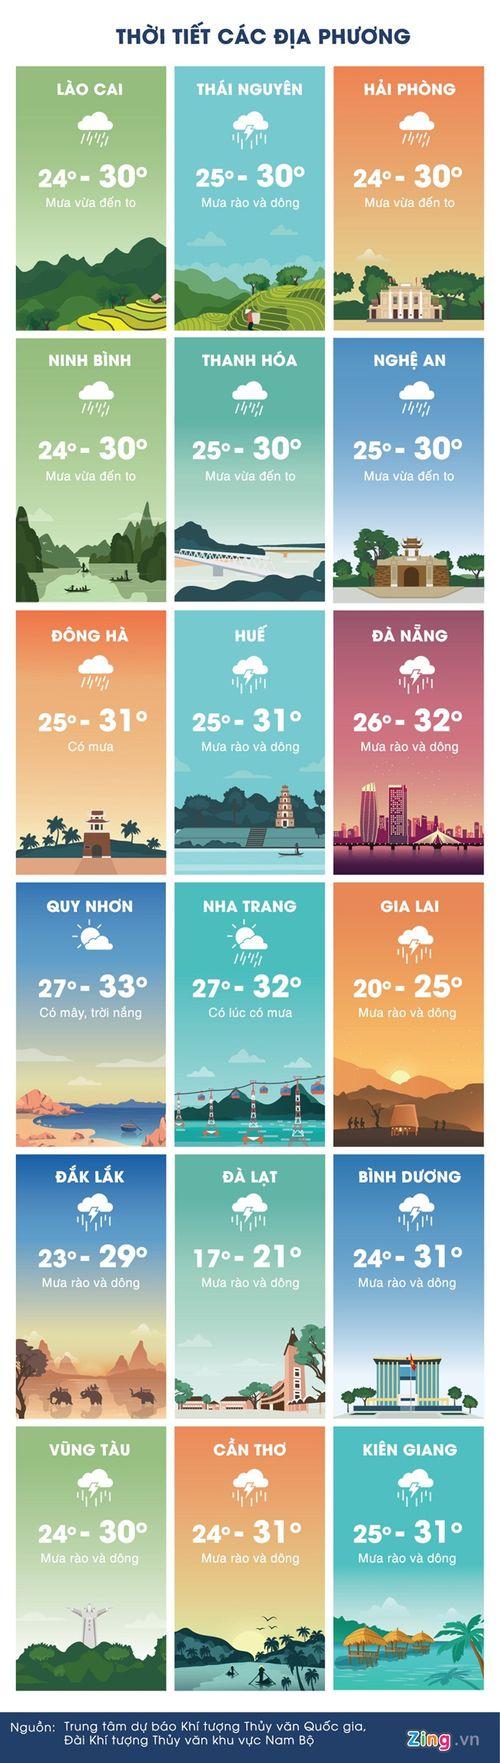 Dự báo thời tiết ngày 21/7: Xuất hiện áp thấp nhiệt đới sau bão số 3 - Ảnh 2